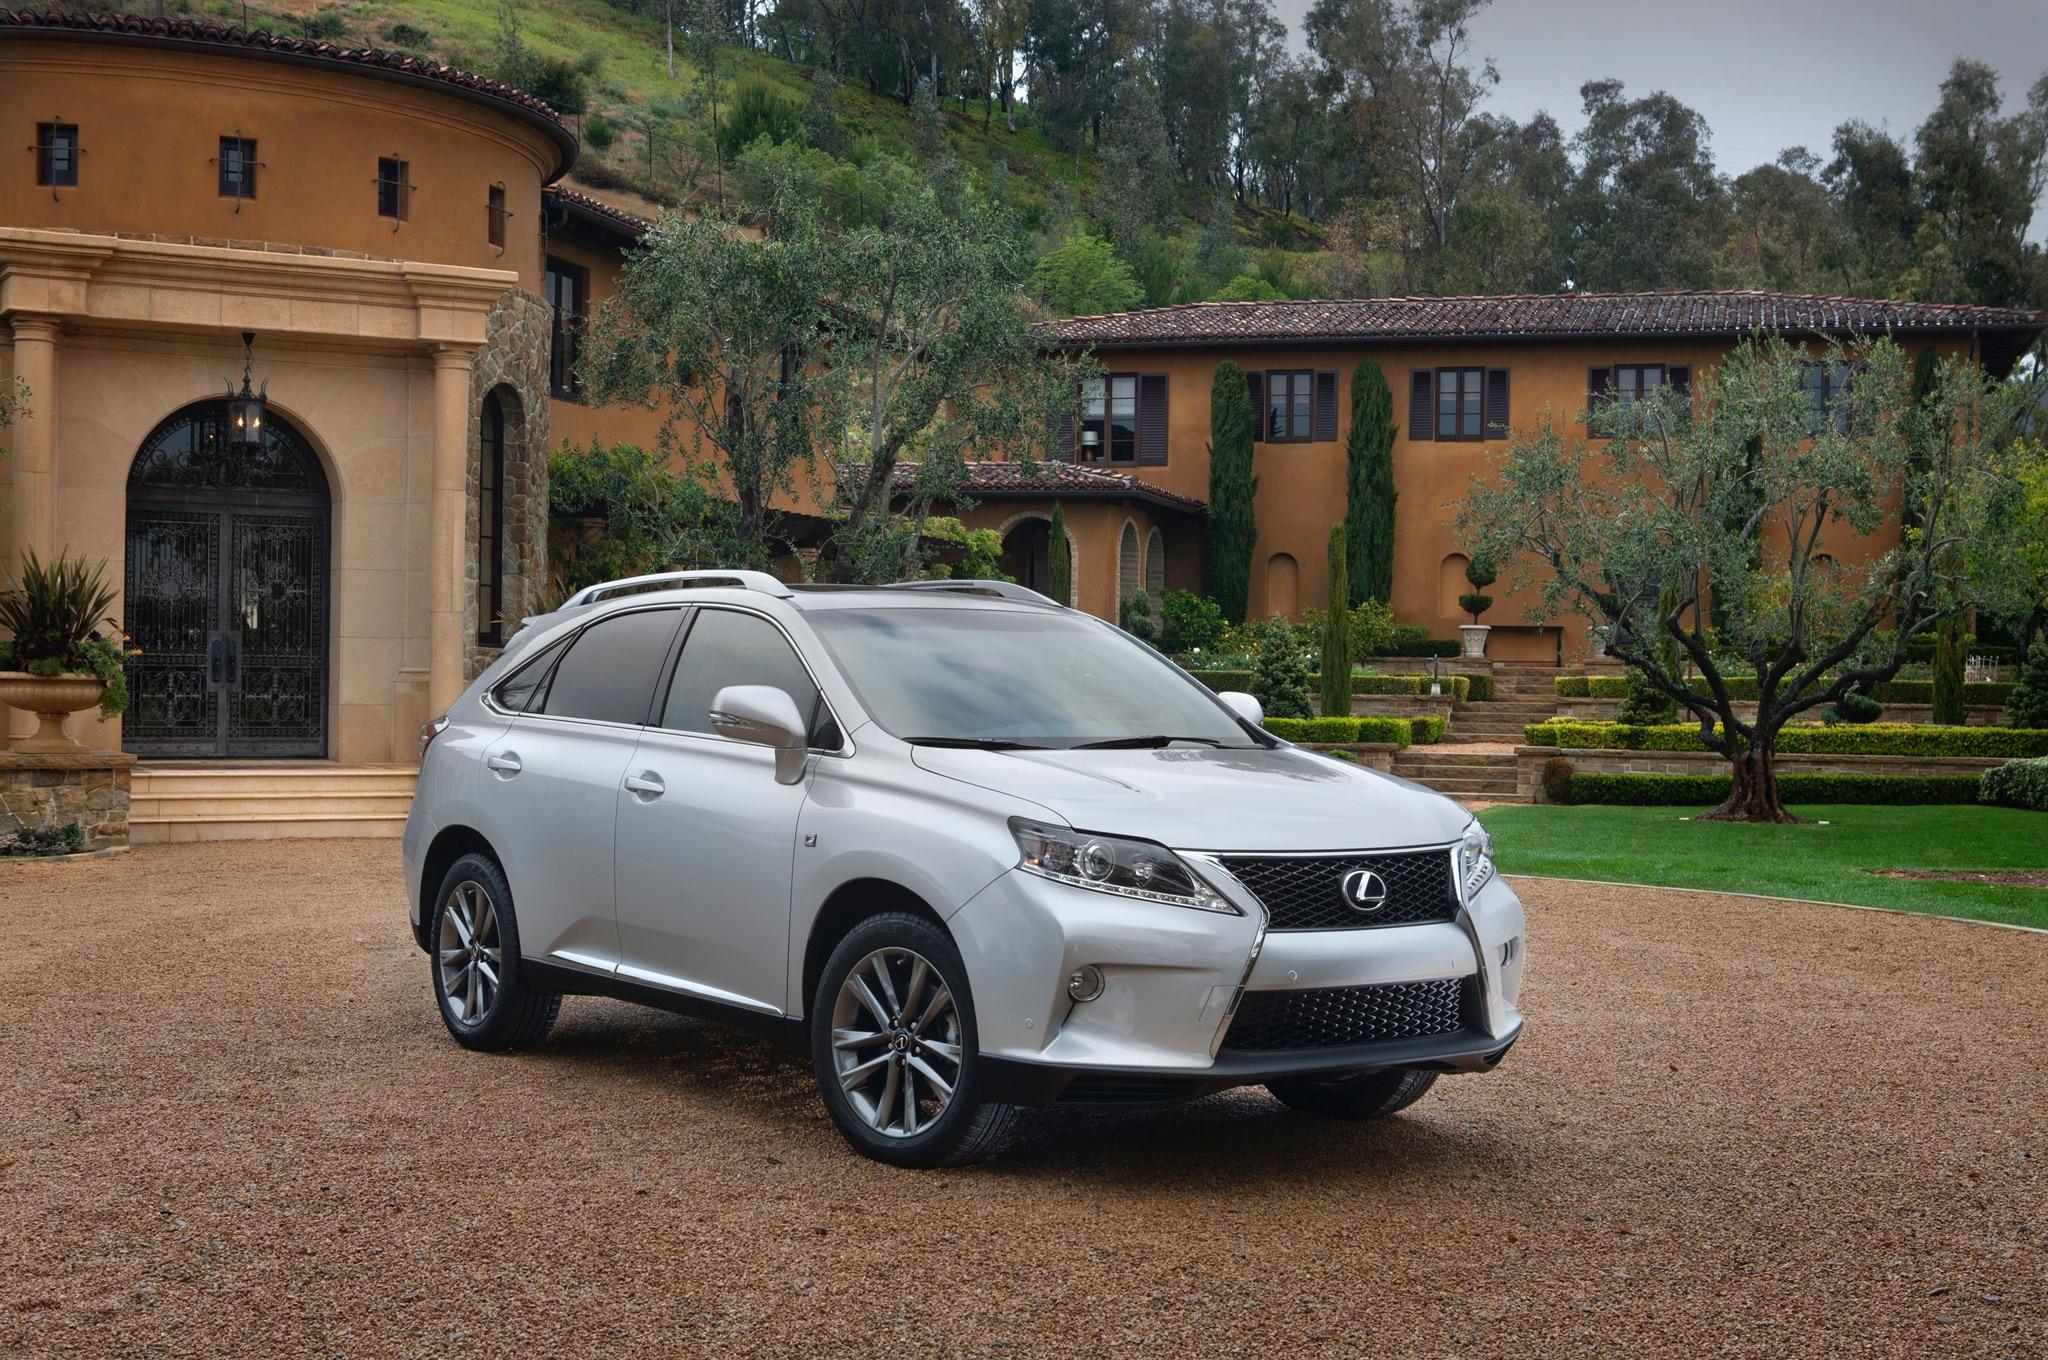 it test but isn sport suv lexus luxury drive f to image rx s t fun